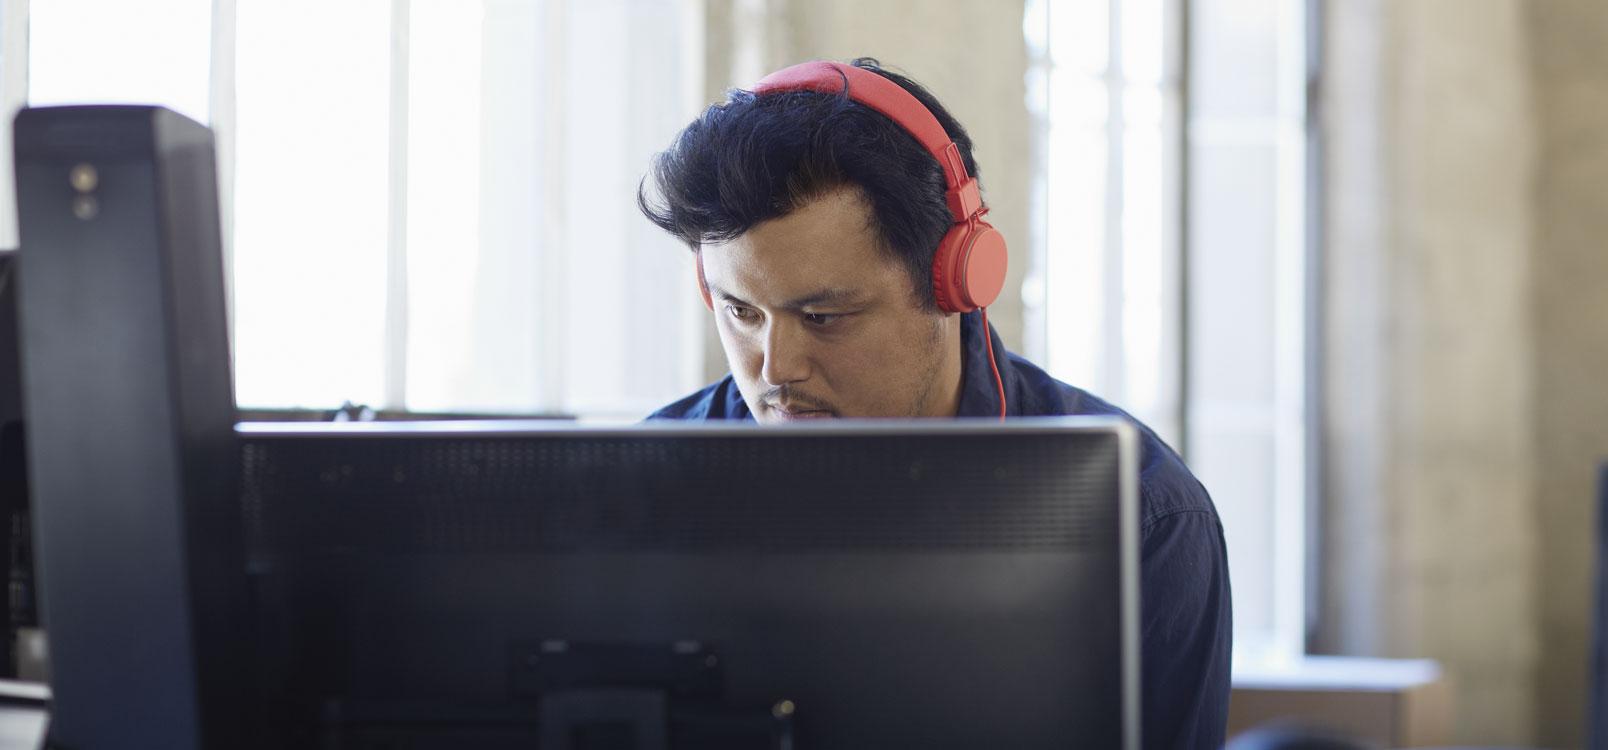 Homme portant un casque audio et travaillant sur un ordinateur de bureau à l'aide d'Office 365 qui simplifie l'informatique.